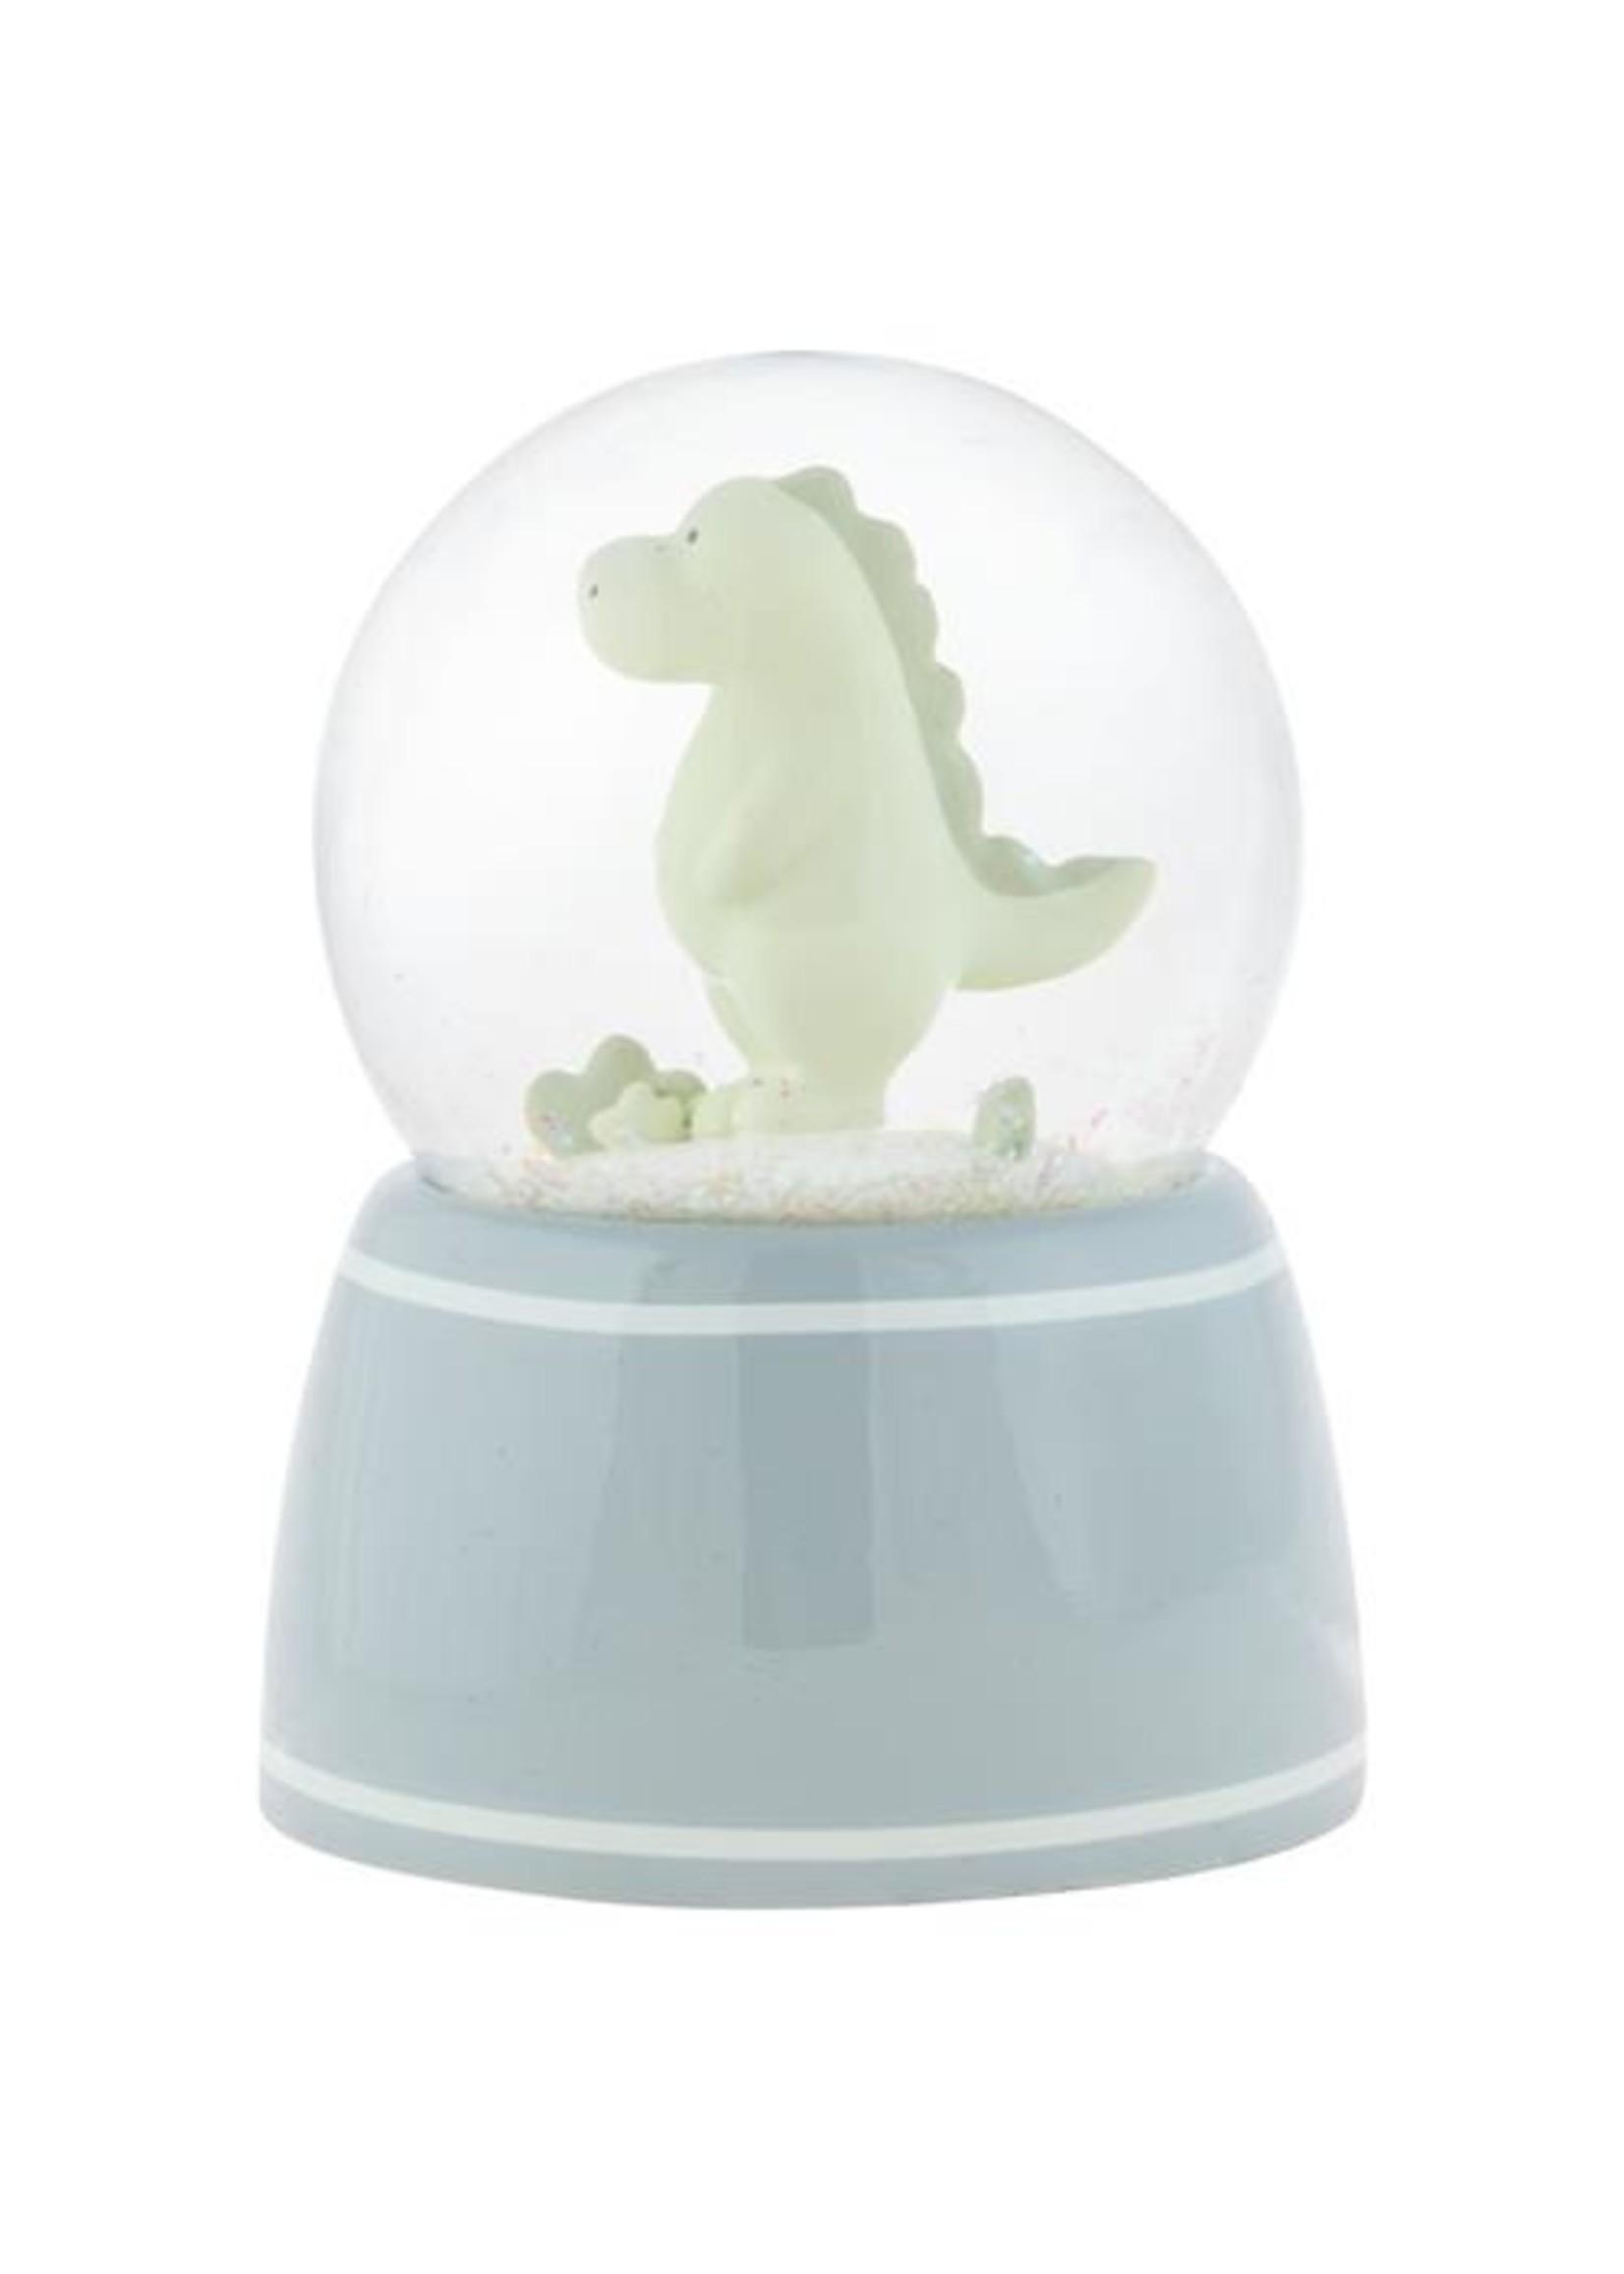 stephen joseph Snow Globe - Dino